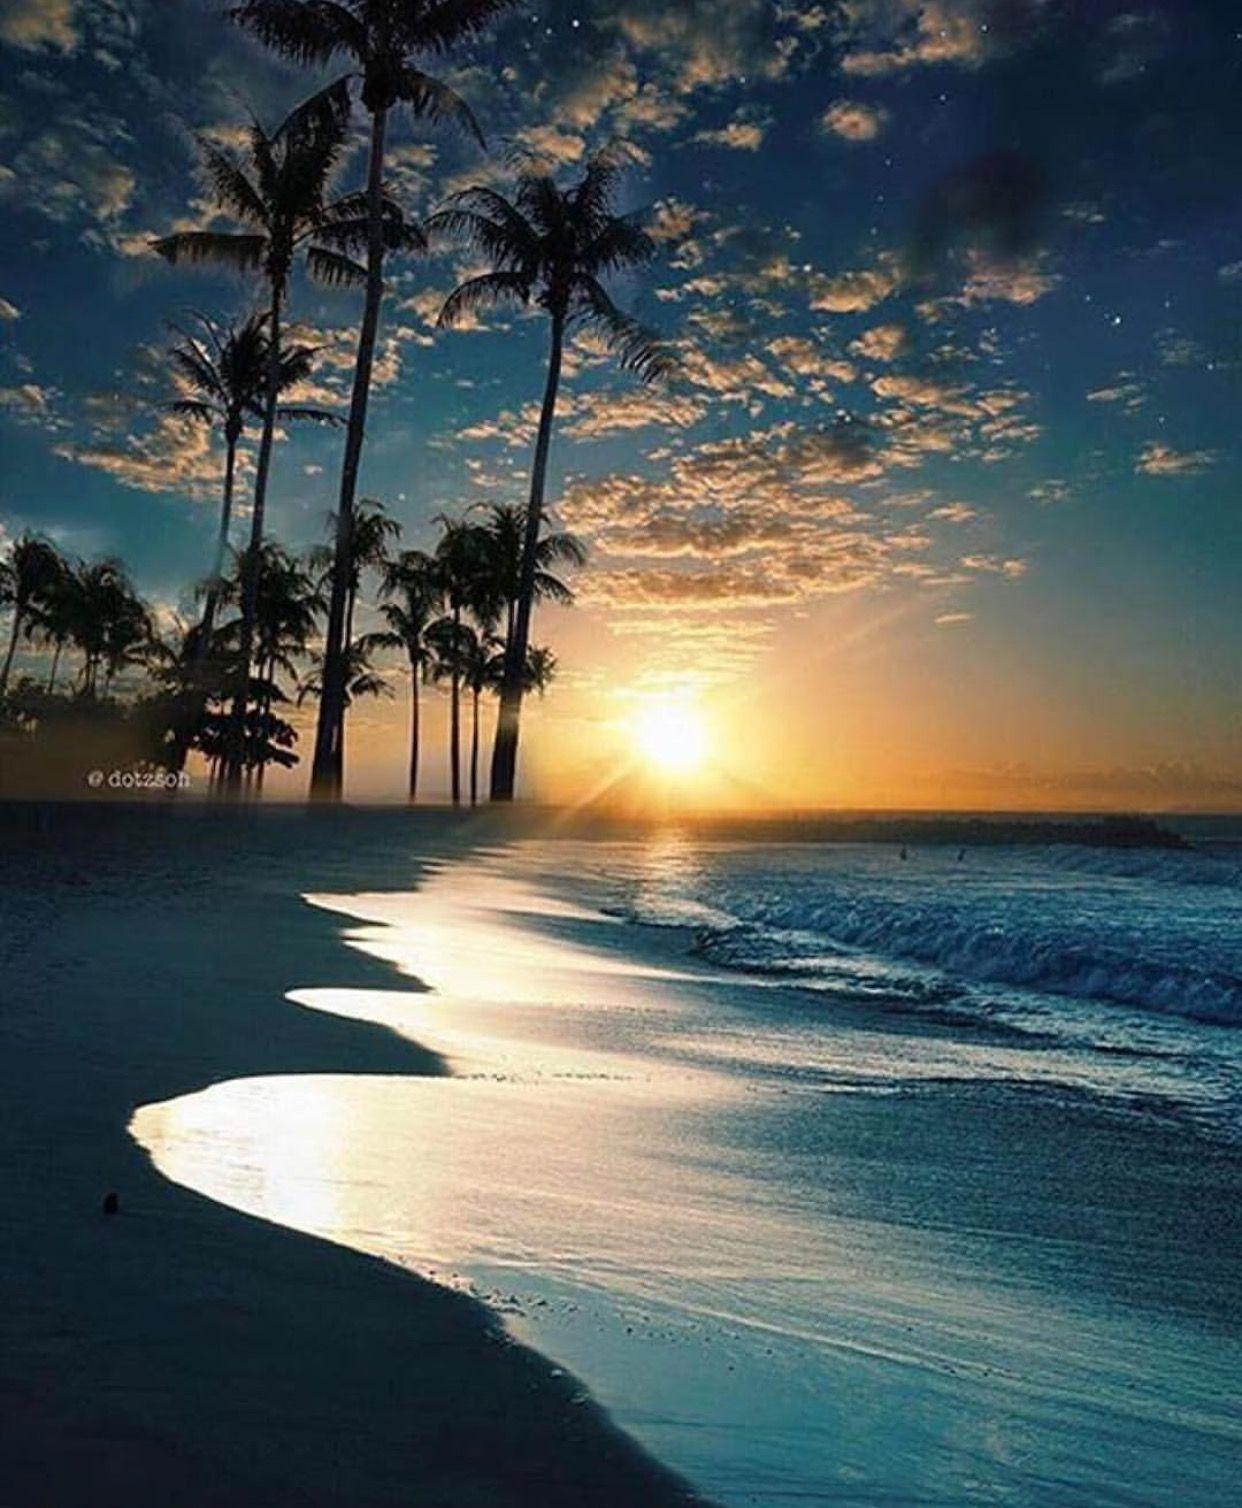 Sunset At The Beach Singapore Paisagem Romantica Lindas Paisagens Fotografia De Paisagem